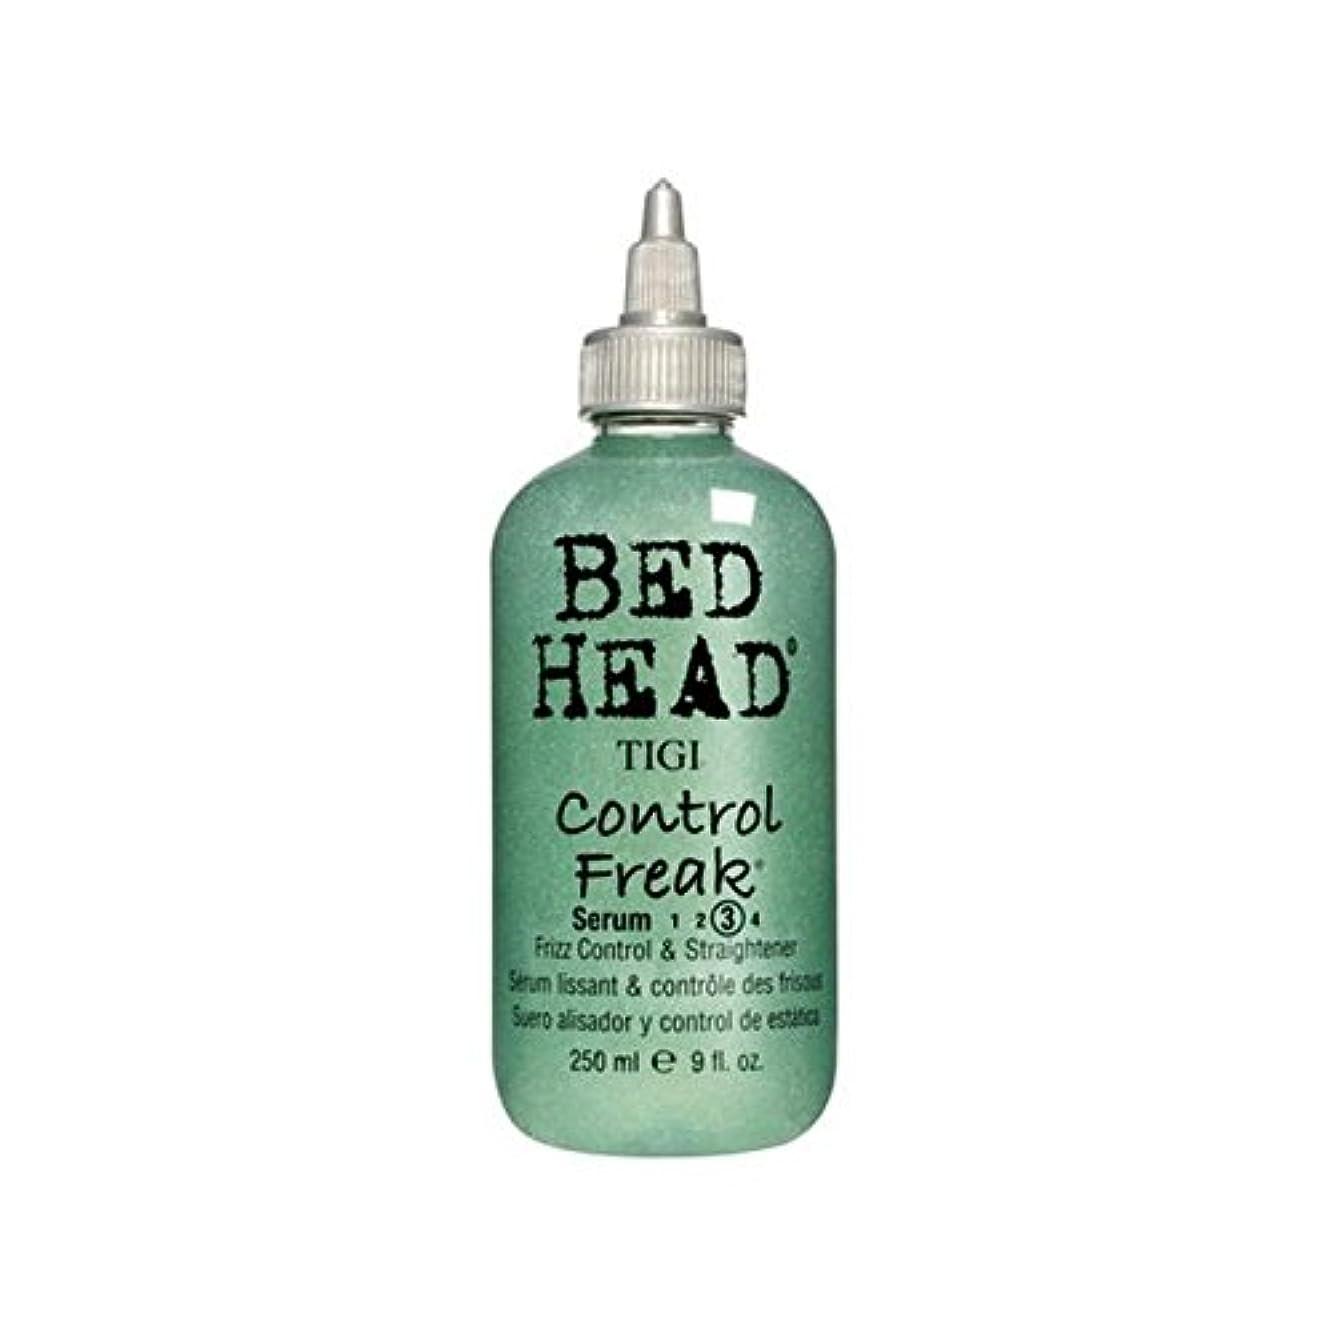 障害者修羅場砦Tigi Bed Head Control Freak Serum (250ml) - ティジーベッドヘッドコントロールフリーク血清(250ミリリットル) [並行輸入品]